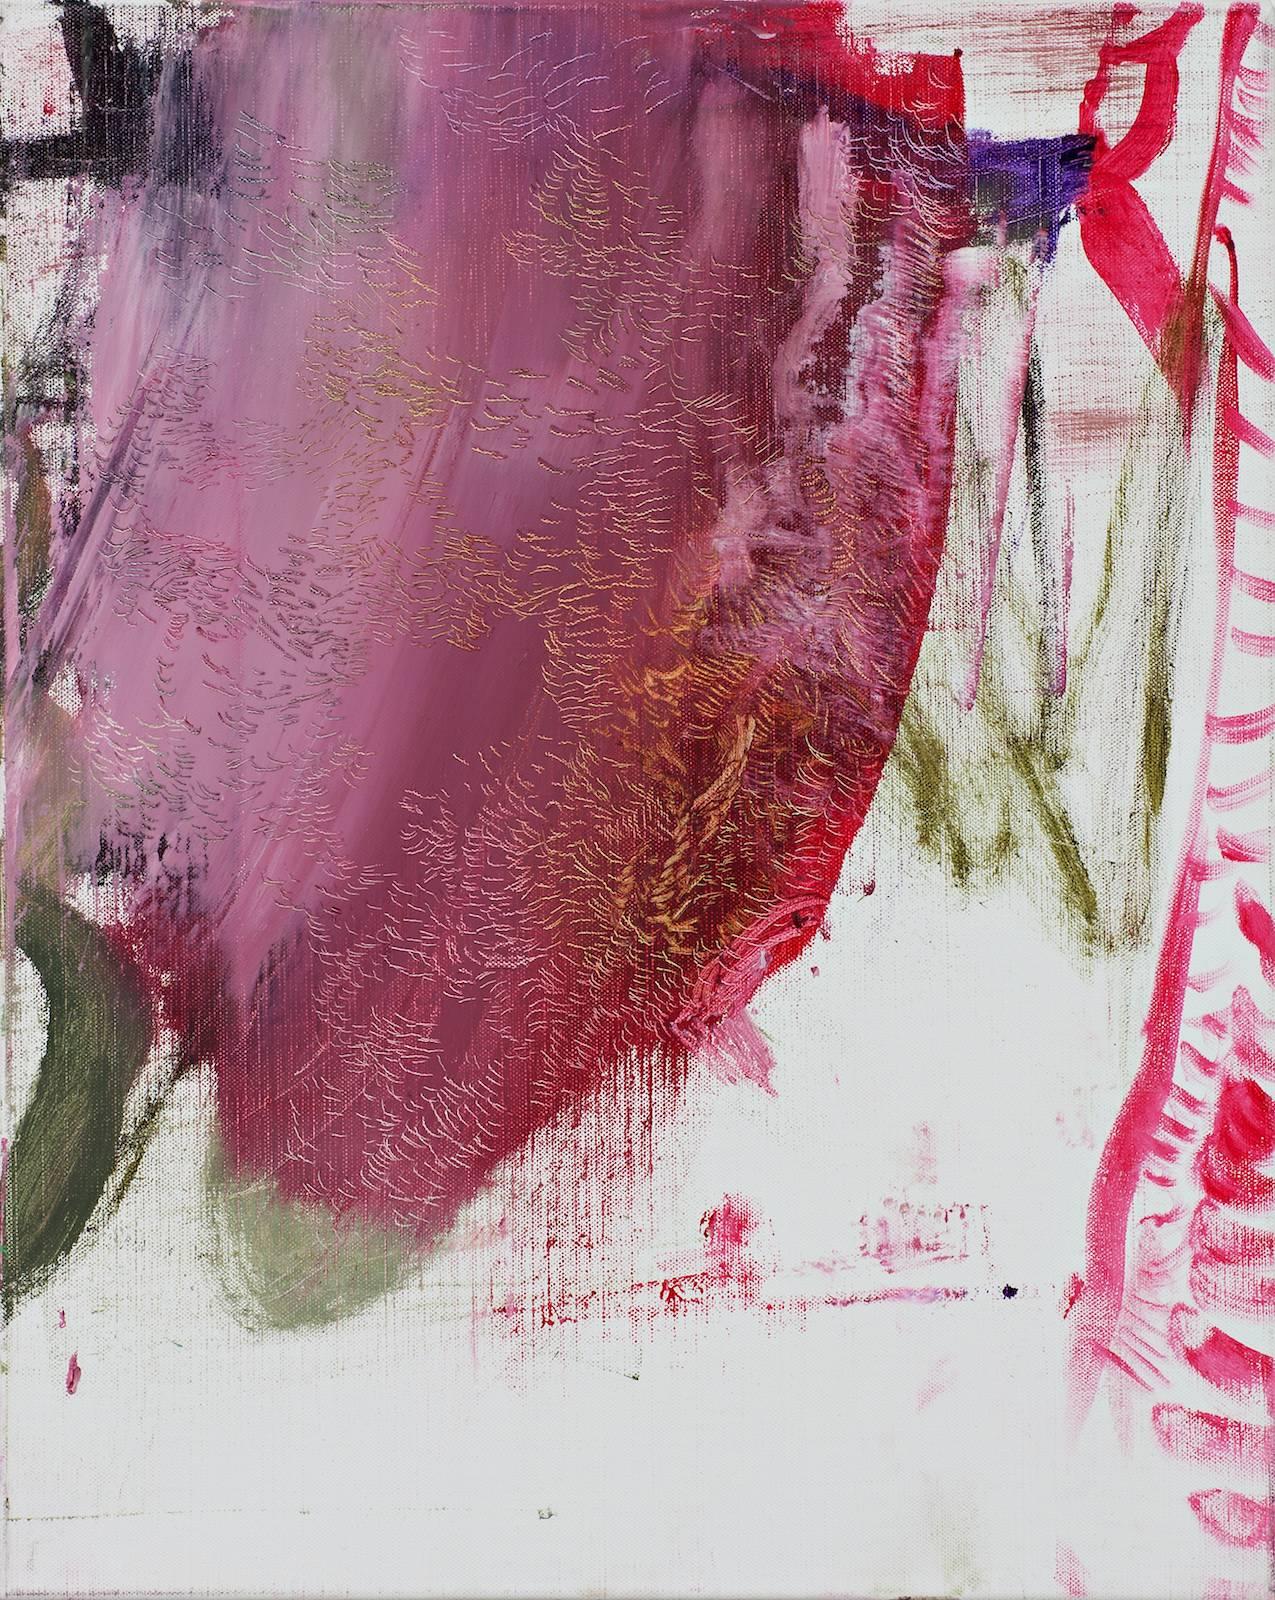 Savant / Grenadine Paintings, 2009/2011, oil on canvas, 52 x 42 cm